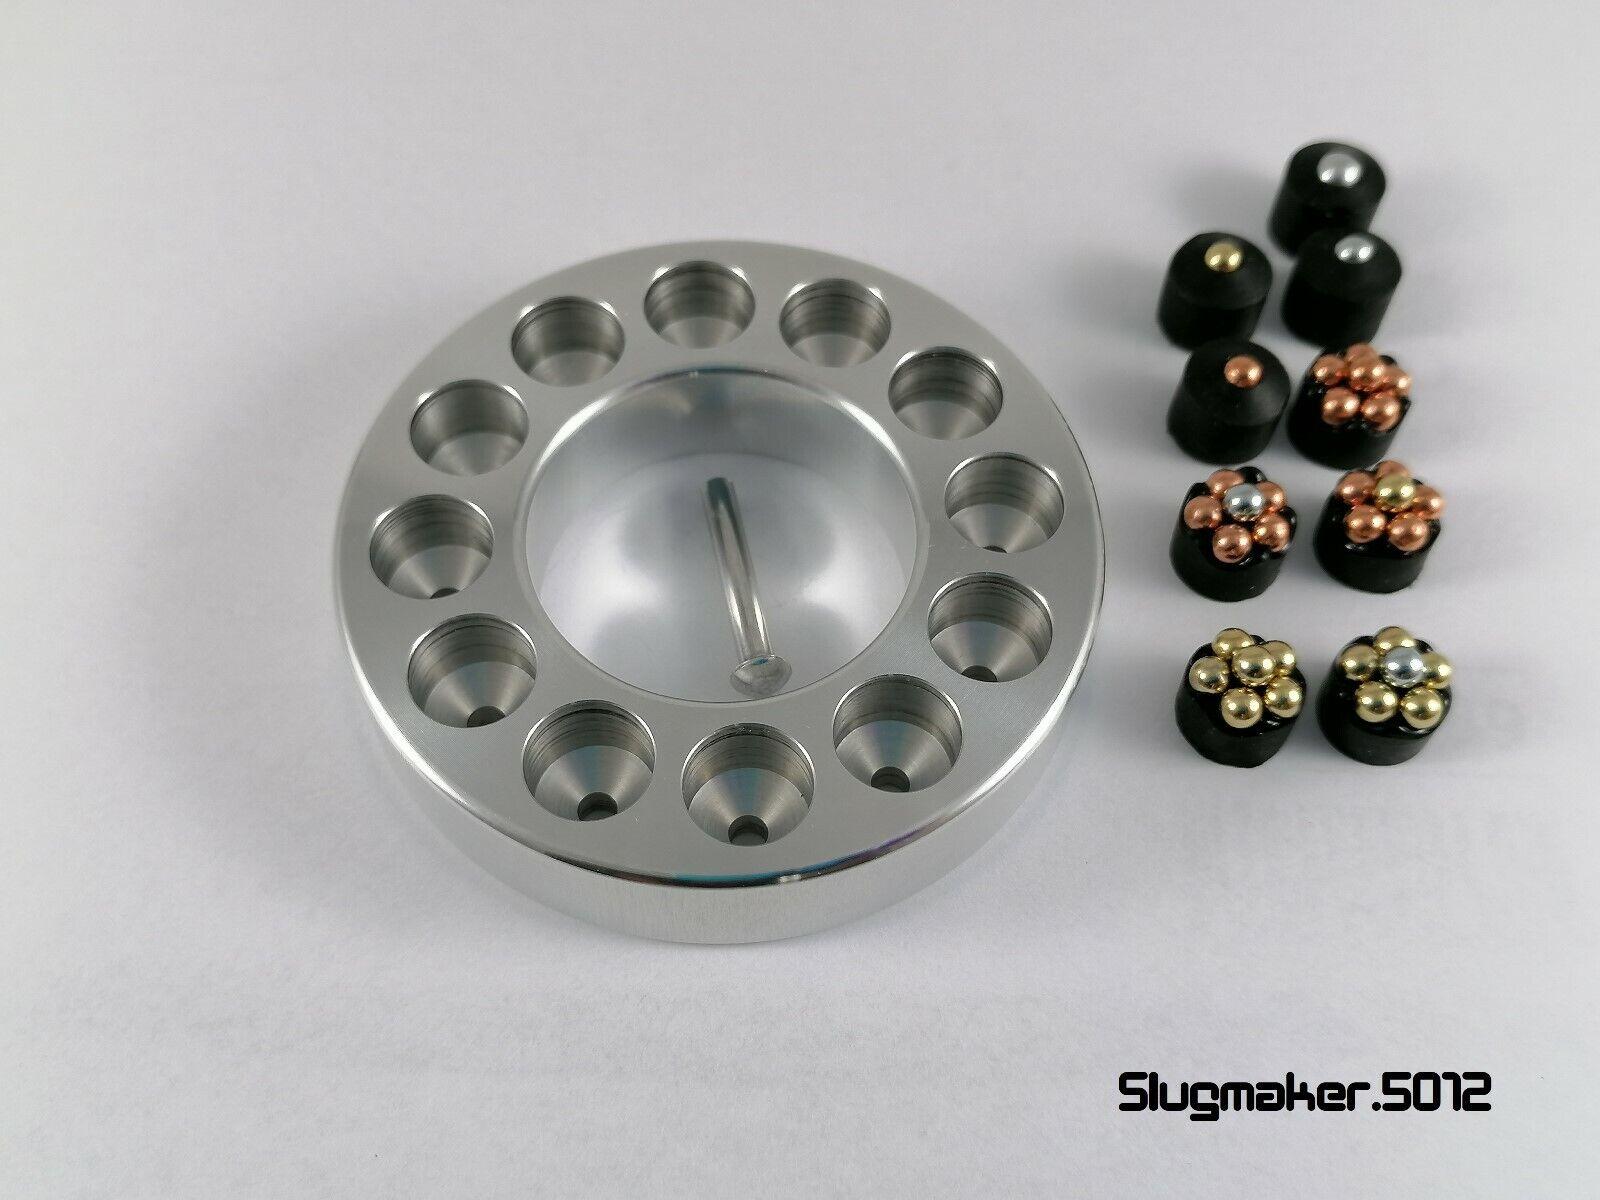 Slugmaker. 5012proiettili cal.50 per t4e HDR 50 stesso fare  DIY rubberballs